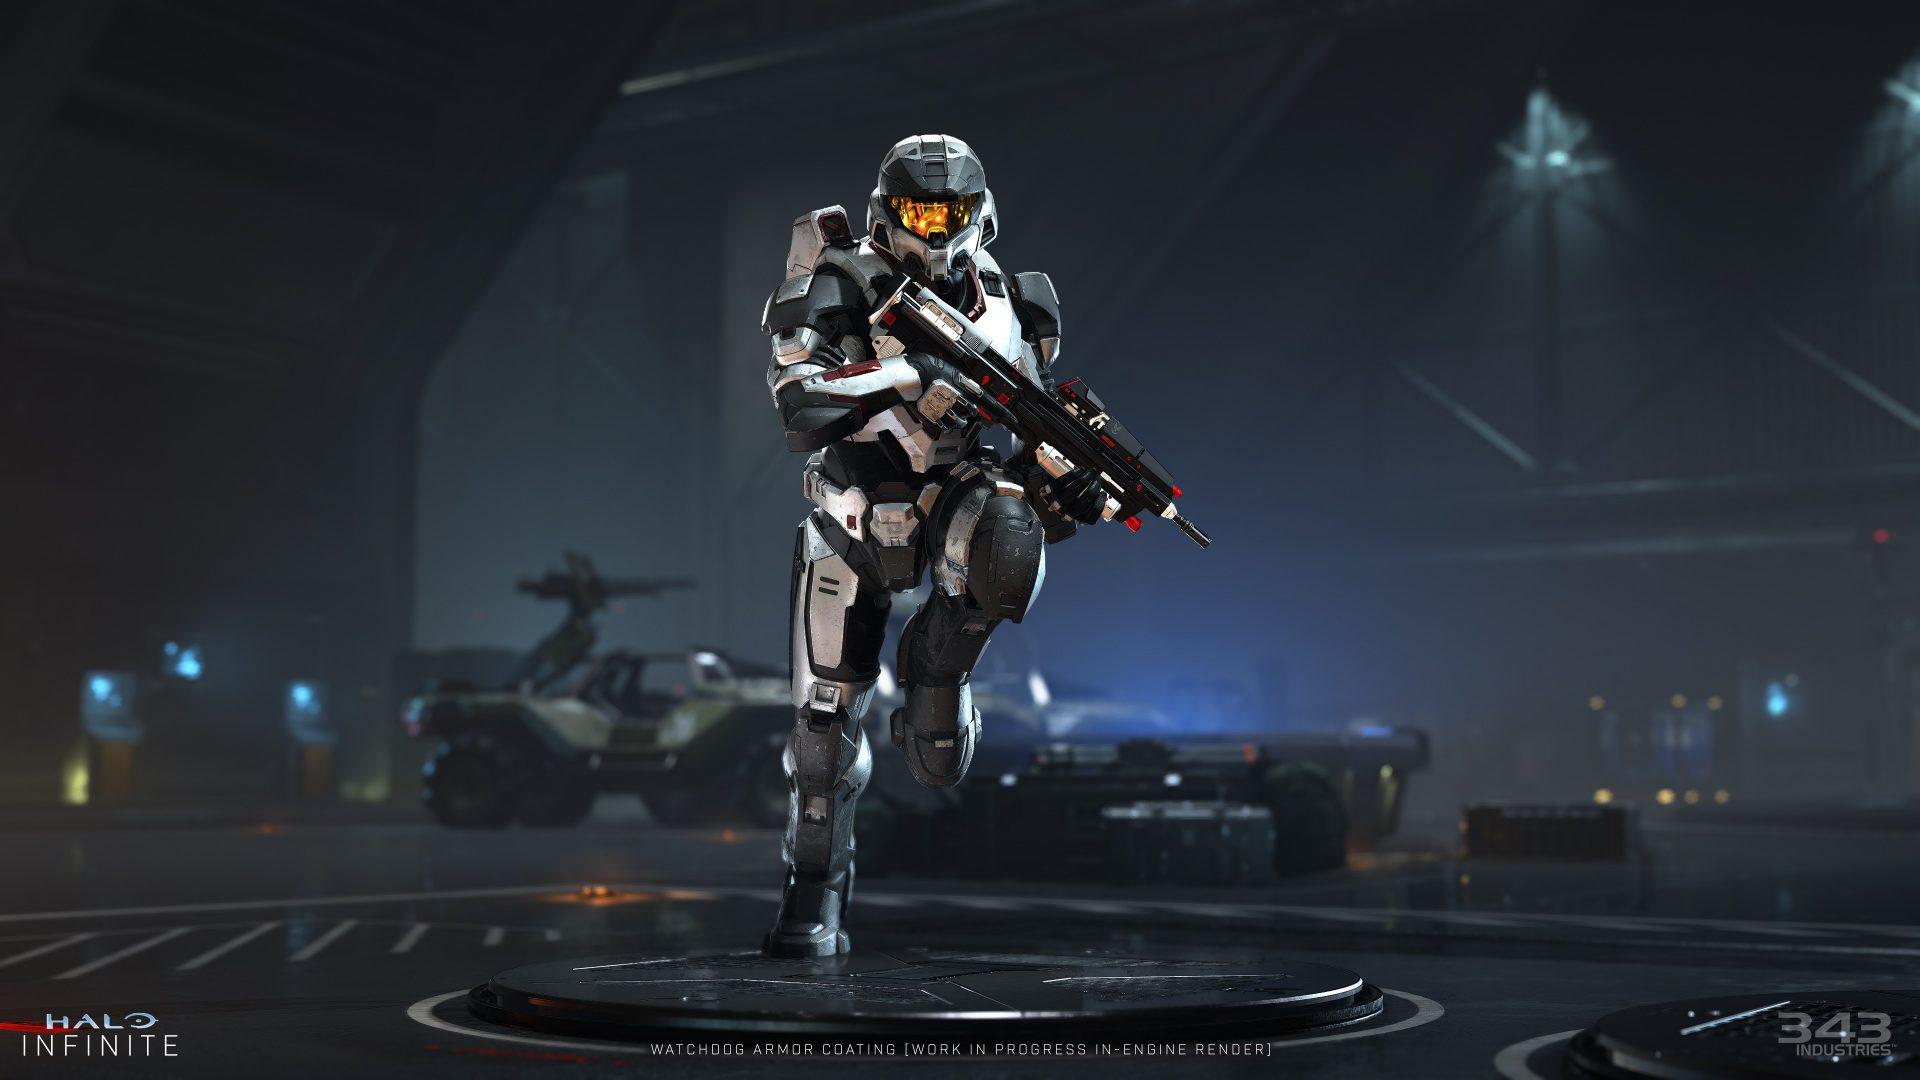 ¡El momento ha llegado! 343 Industries comparte la fecha y más novedades de Halo Infinite